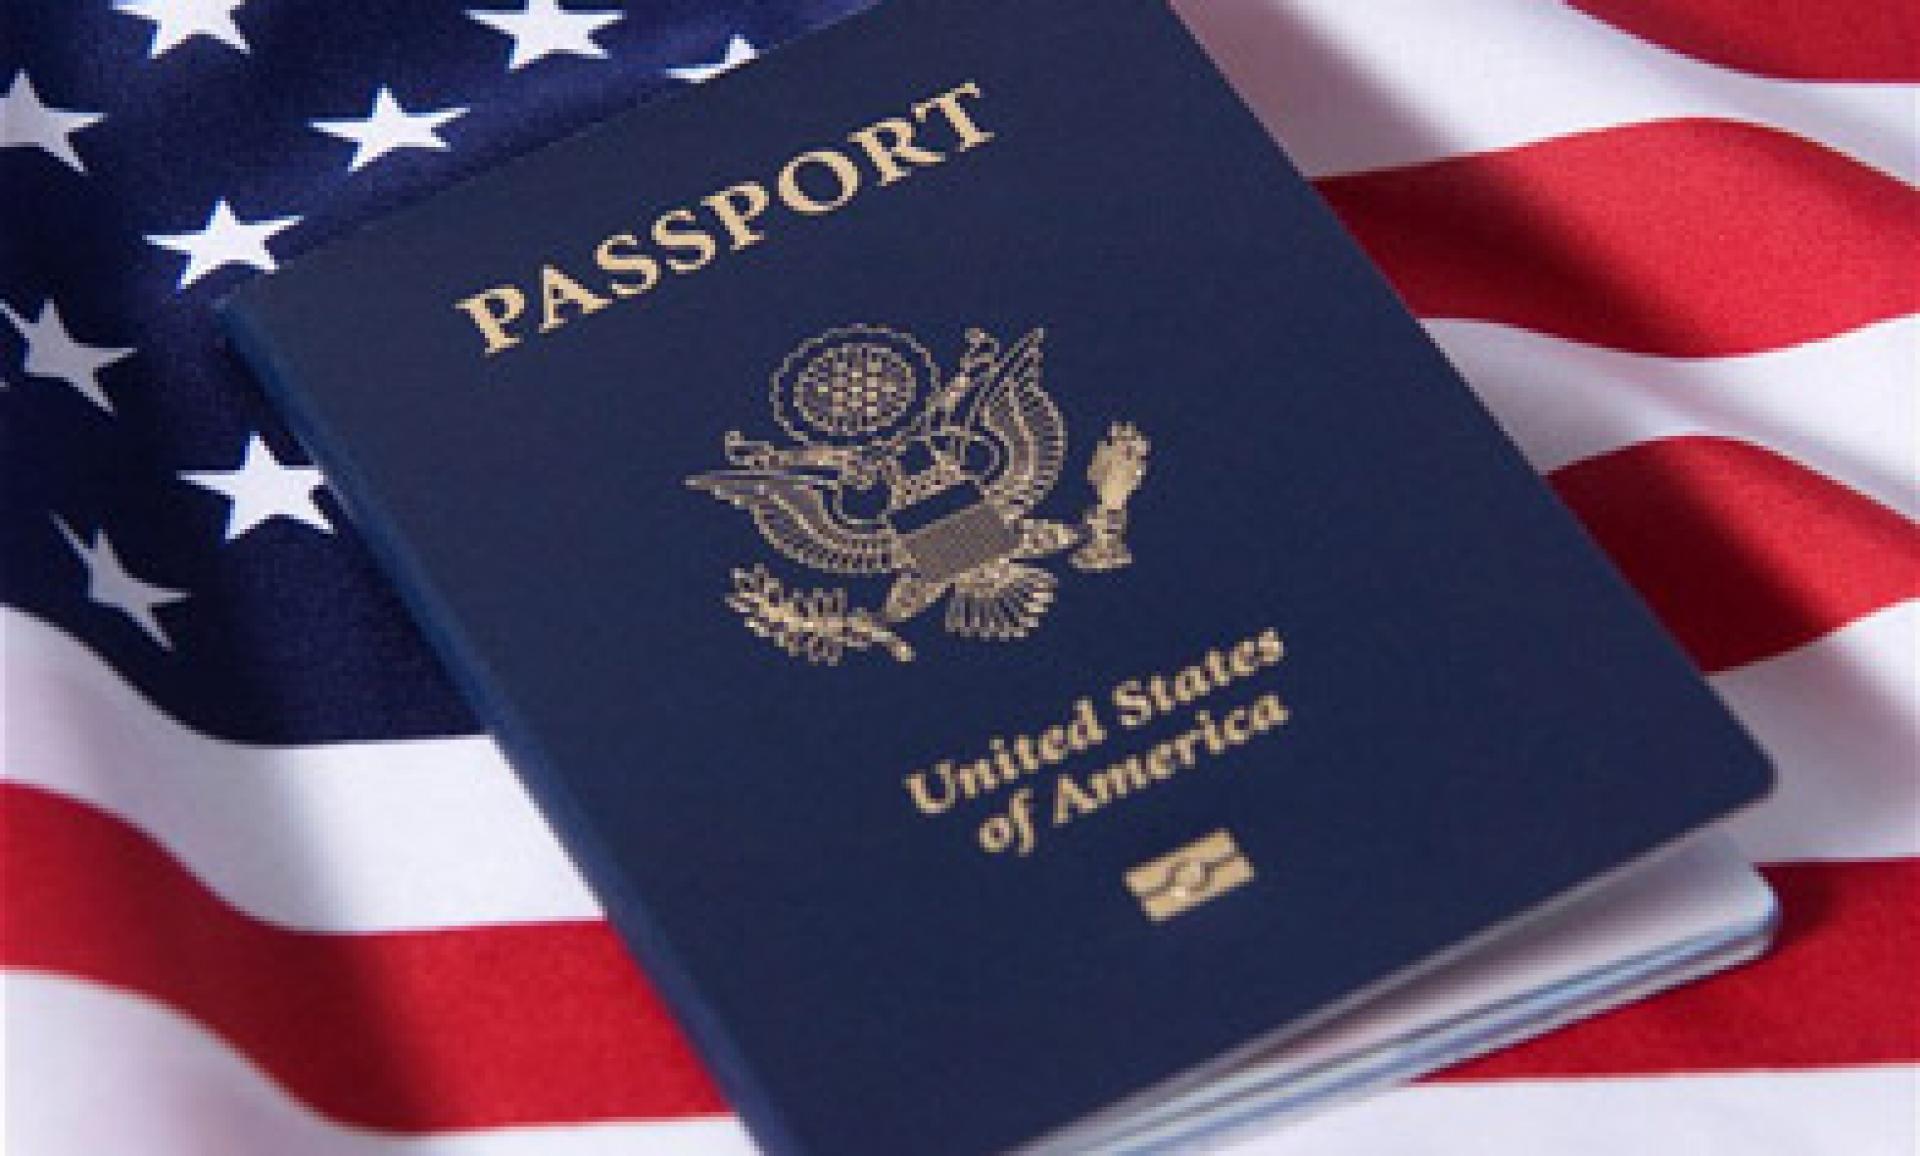 الهجرة الى امريكا تعرف على أسبابها وطرق الهجرة وإليك بعض النصائح الهامة |  خبر اليوم